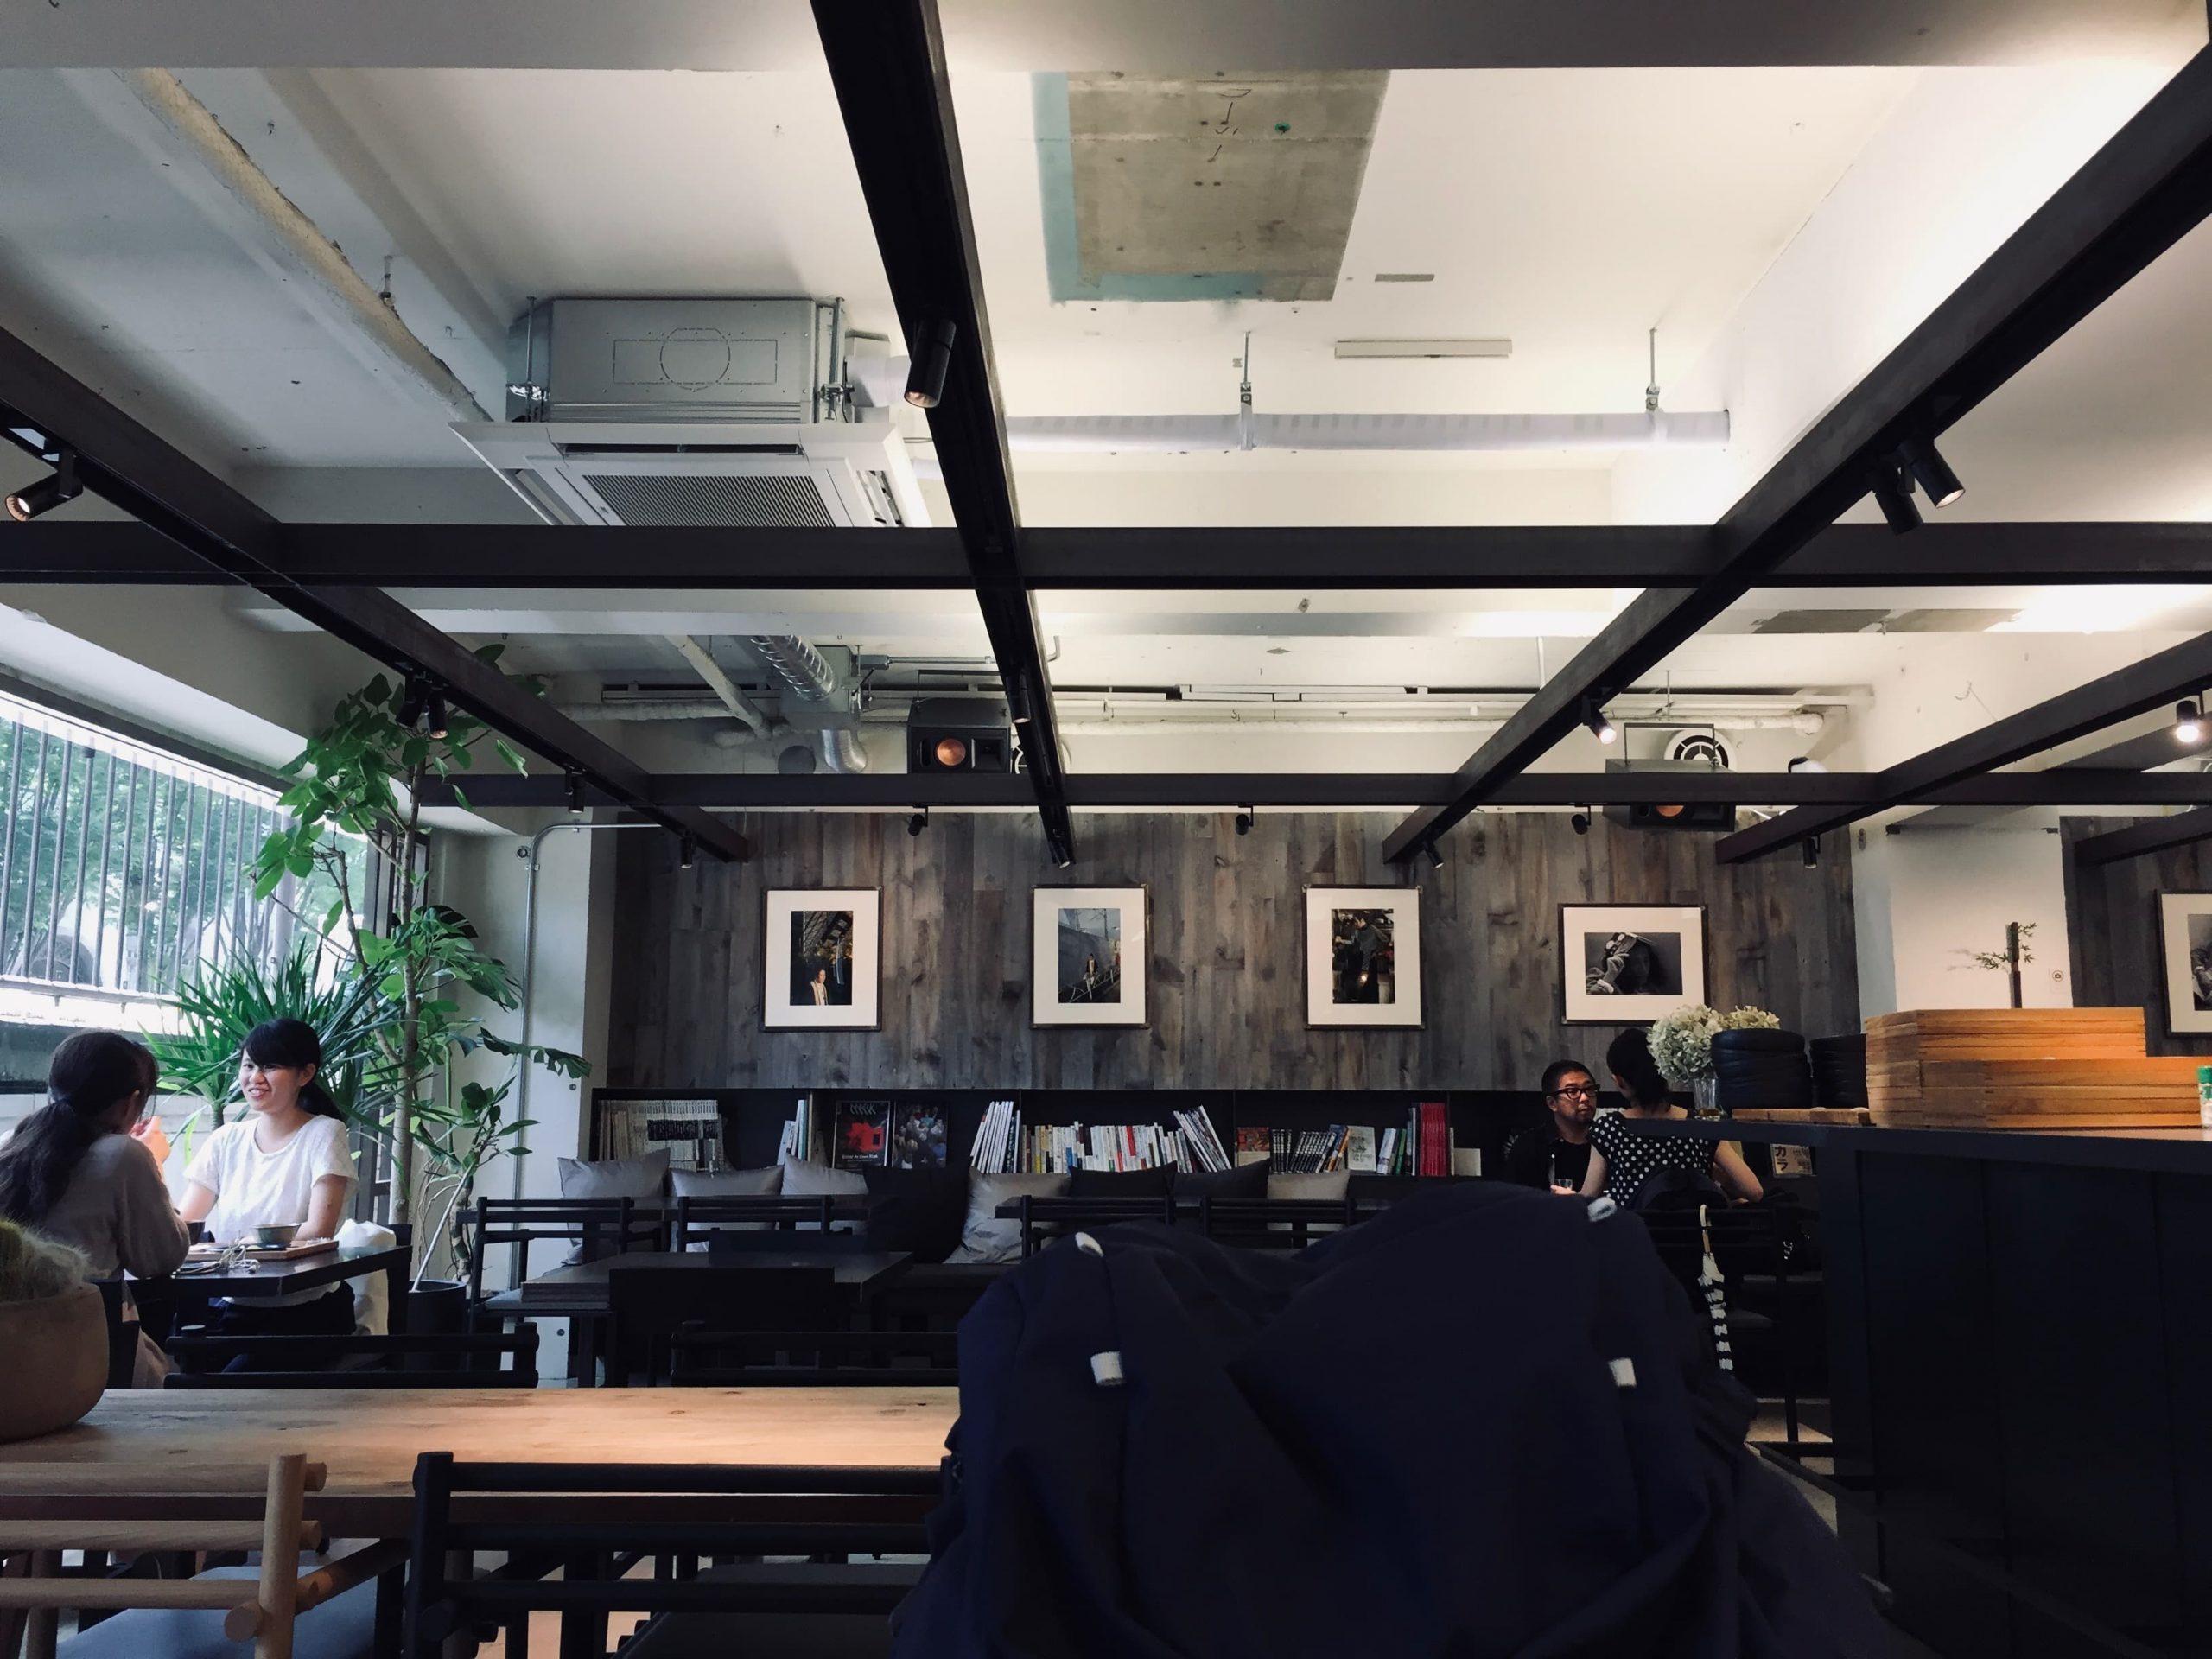 來自東京的員工餐廳,禾火食堂的另外一個想法原型。